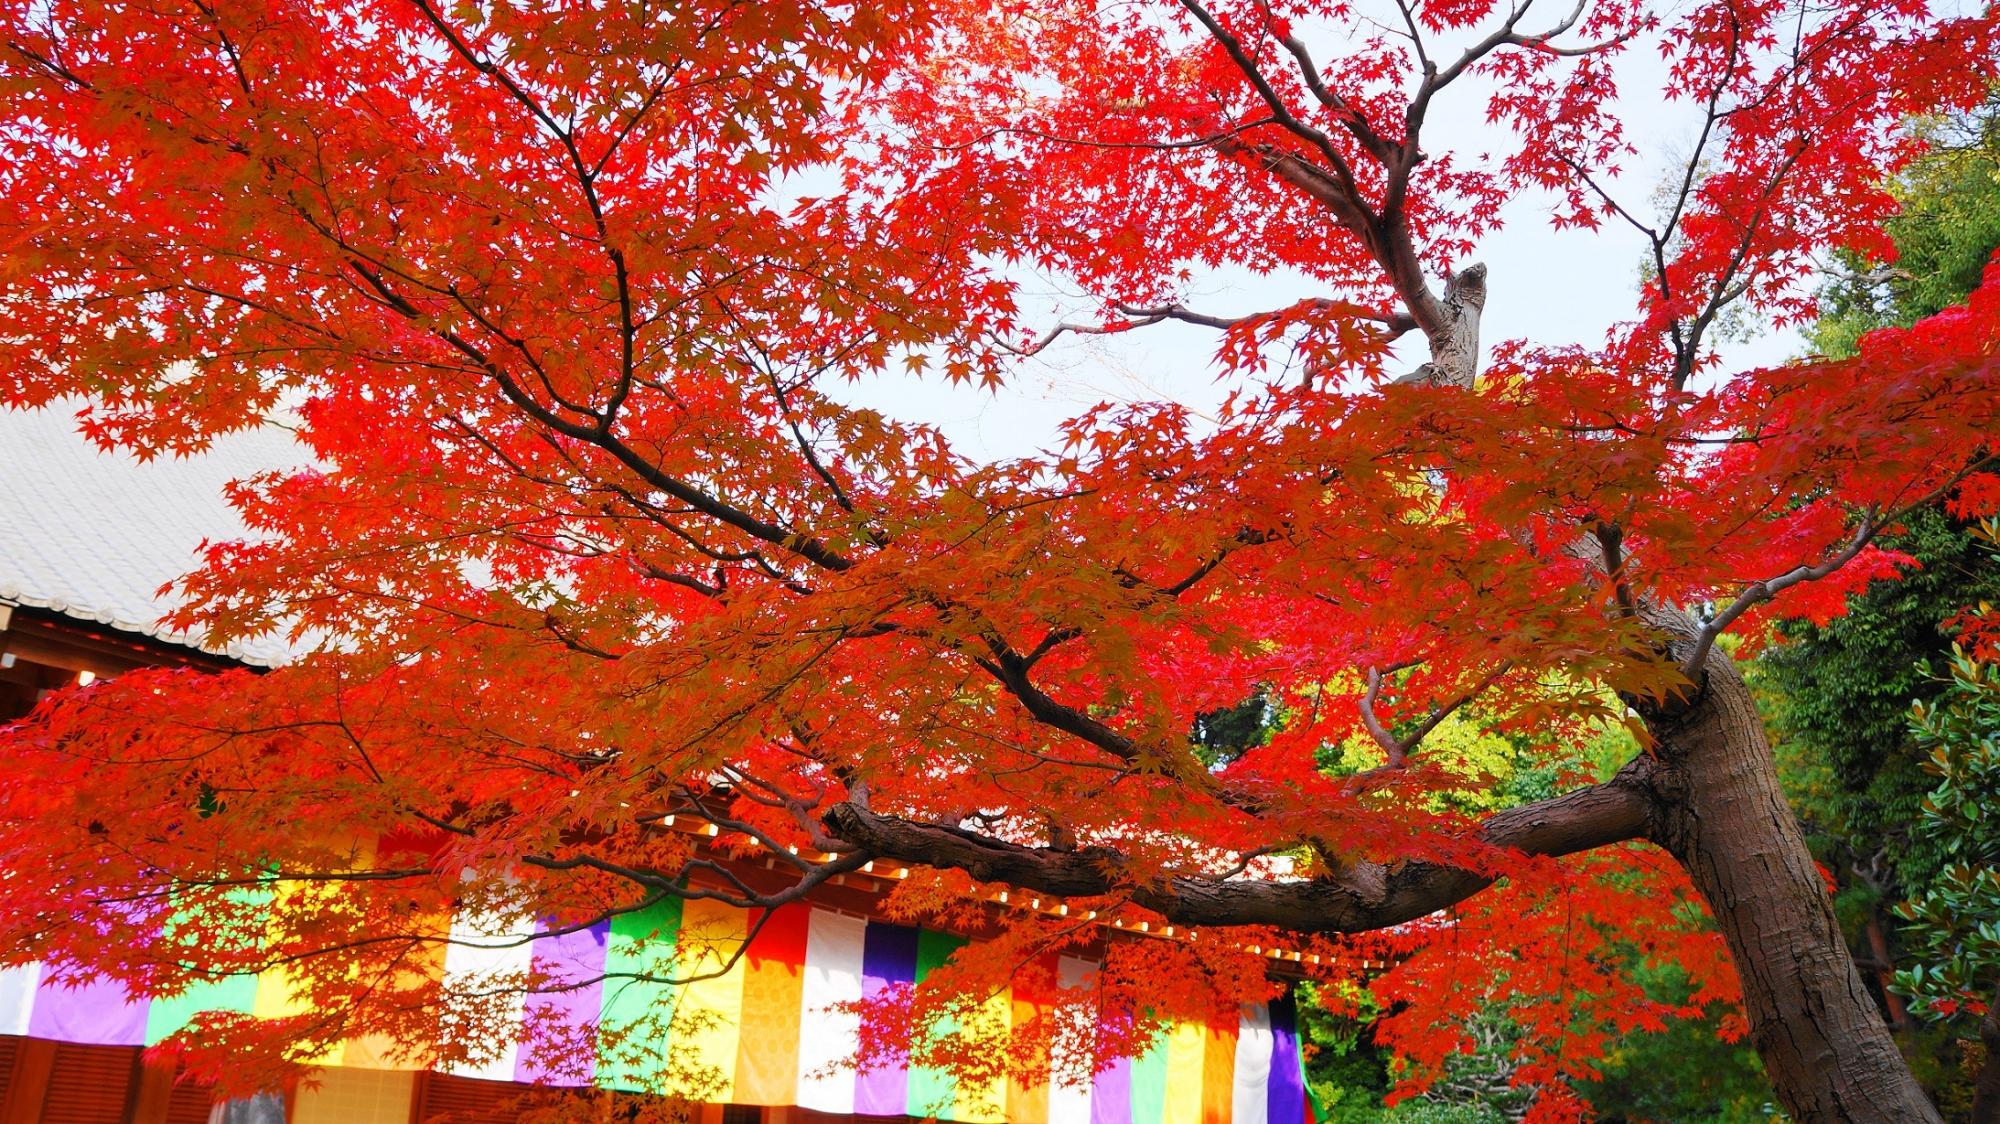 智積院の講堂と仏旗を彩る紅葉